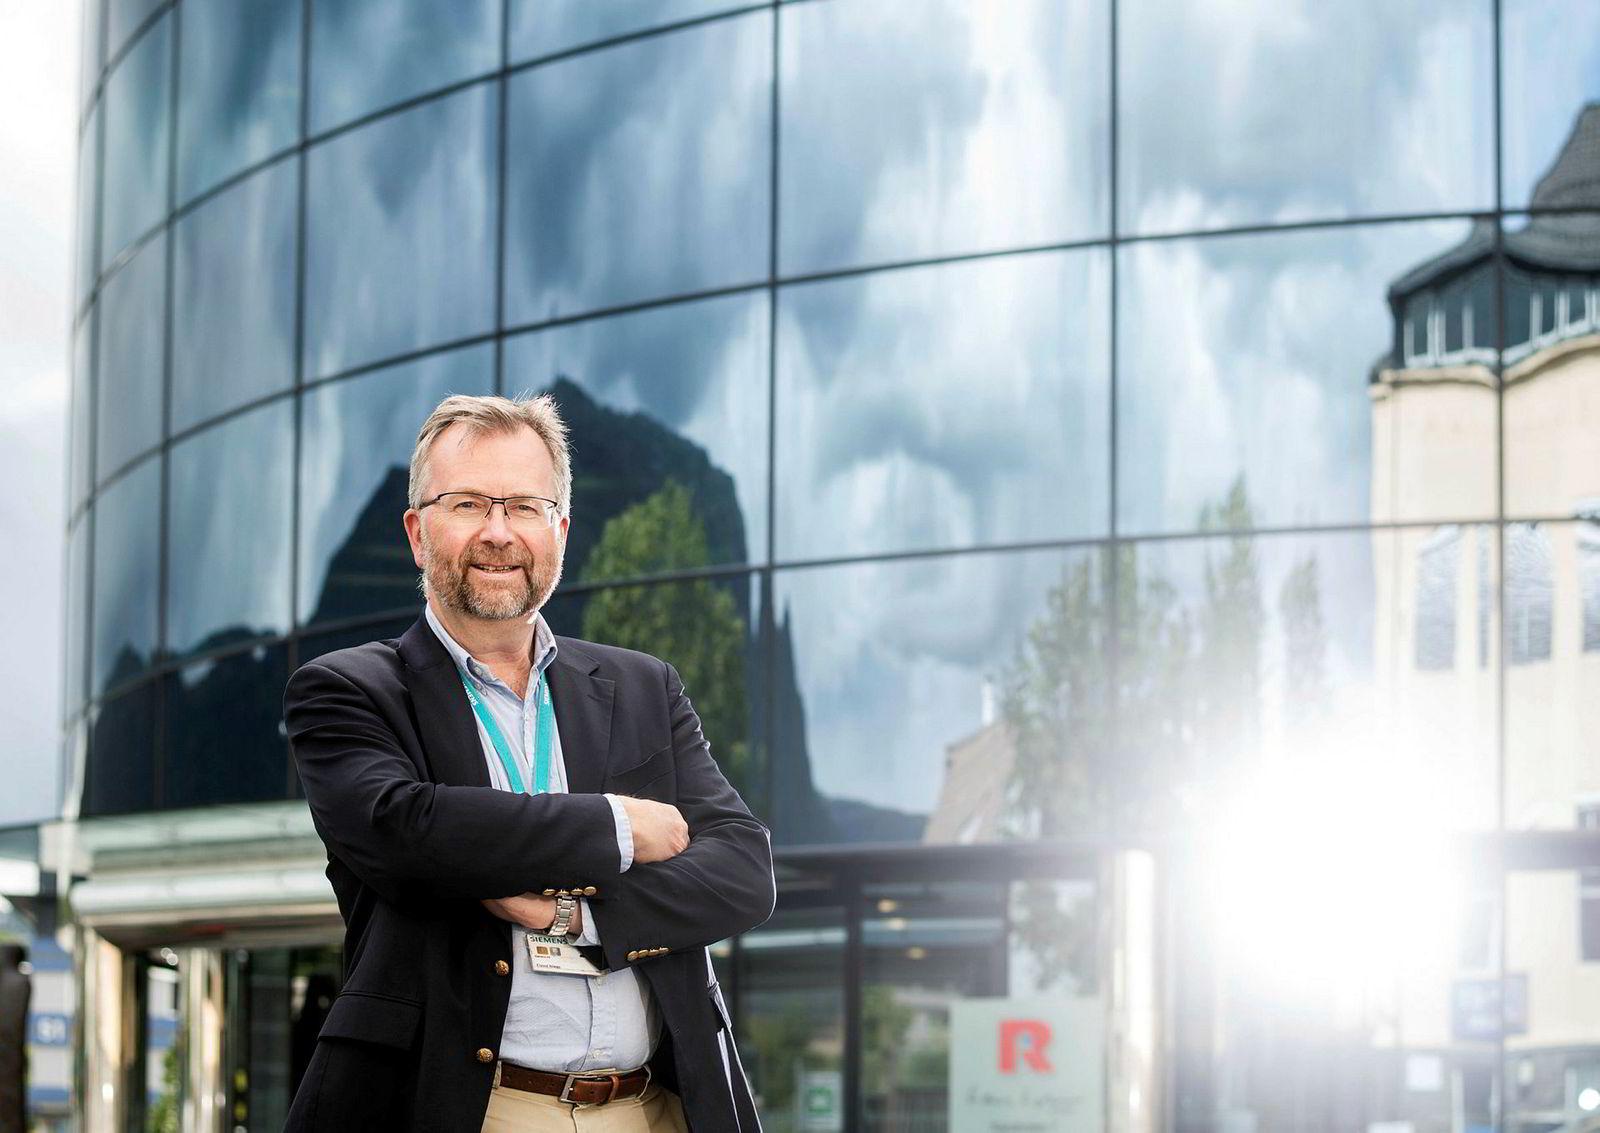 Eivind Nilsen, direktør for salg av energiløsninger i Siemens, mener økonomisk støtte fra Enova hadde vært det optimale for å få bygget landstrømanlegg til cruiseskip.